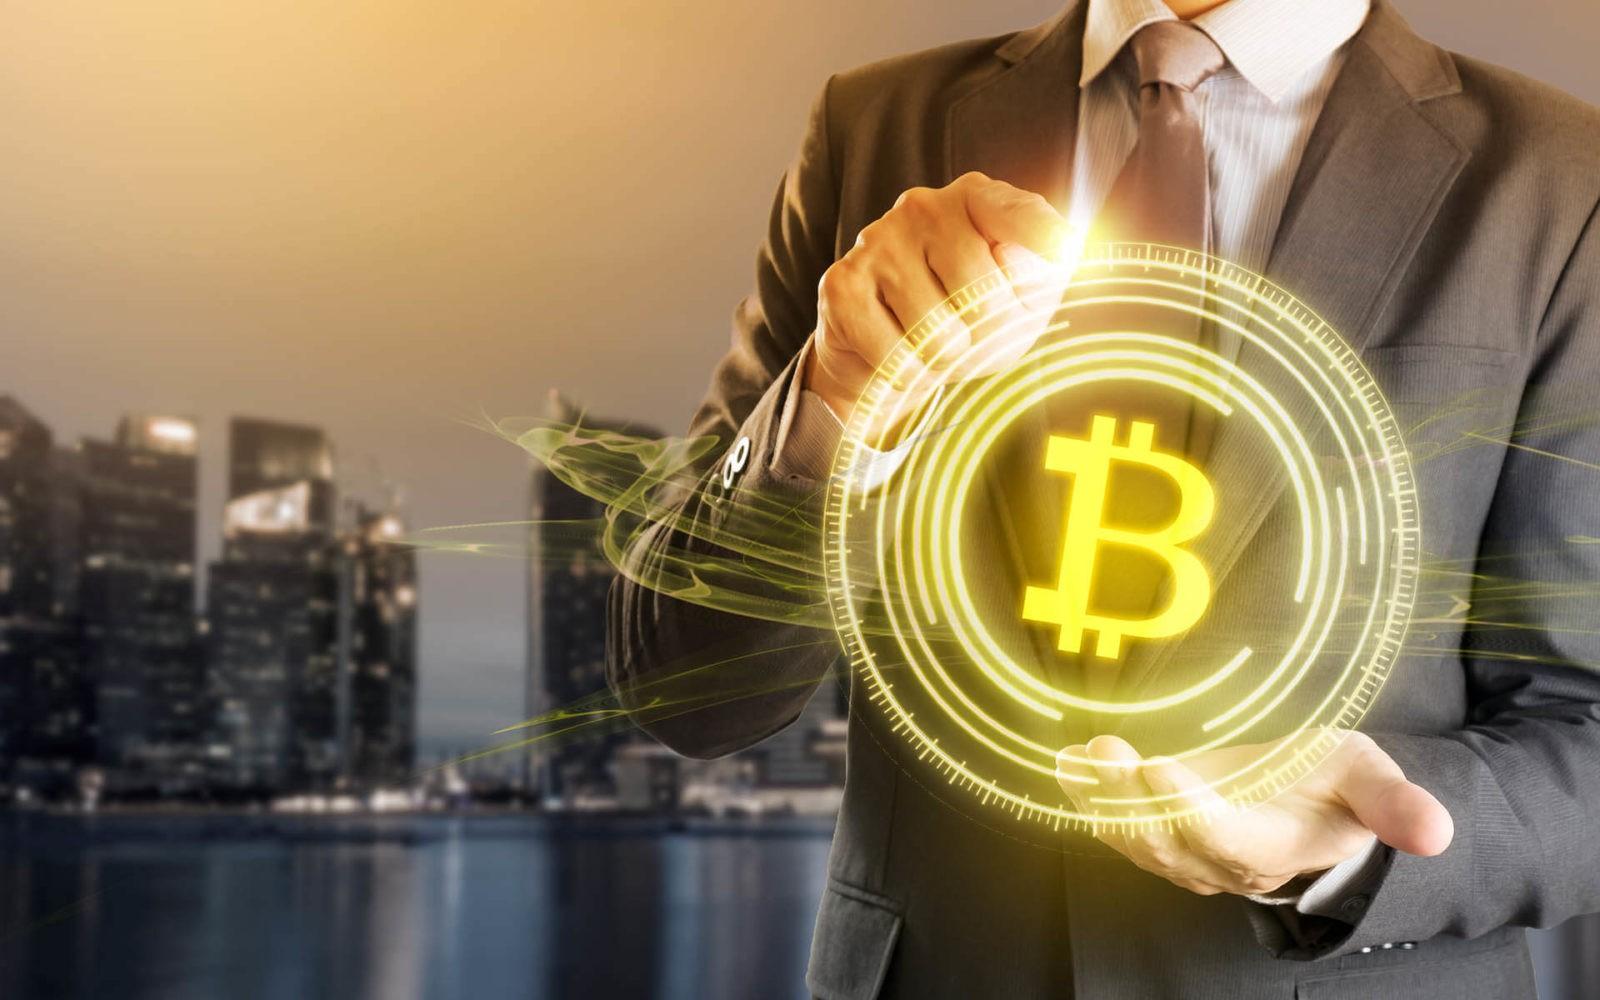 Как зарабатывать на криптовалюте с нуля и что для этого нужно